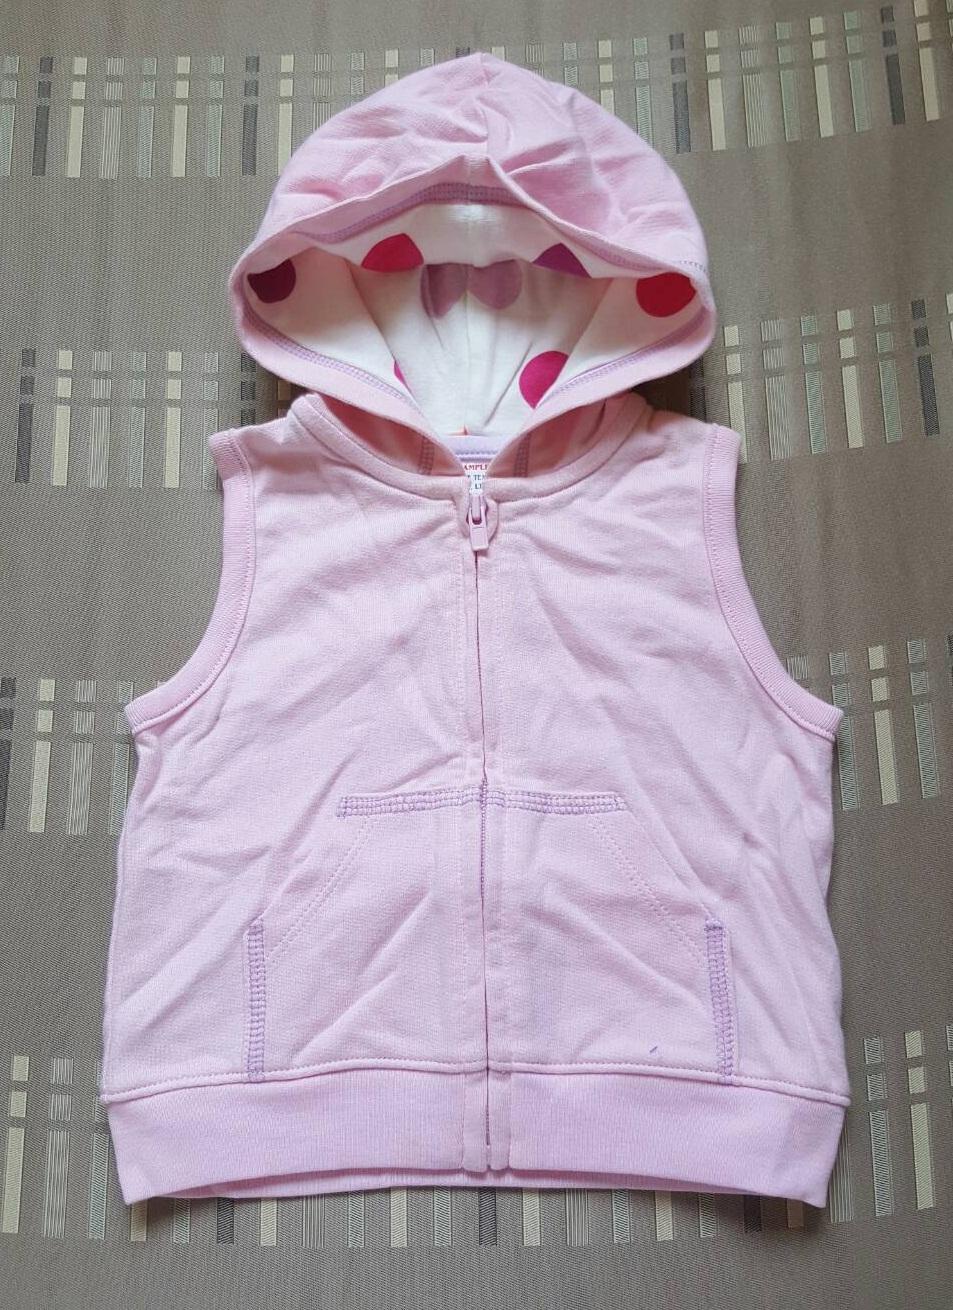 เสื้อกันหนาว แขนกุด มี hood ซิปหน้า (size 12 เดือน)